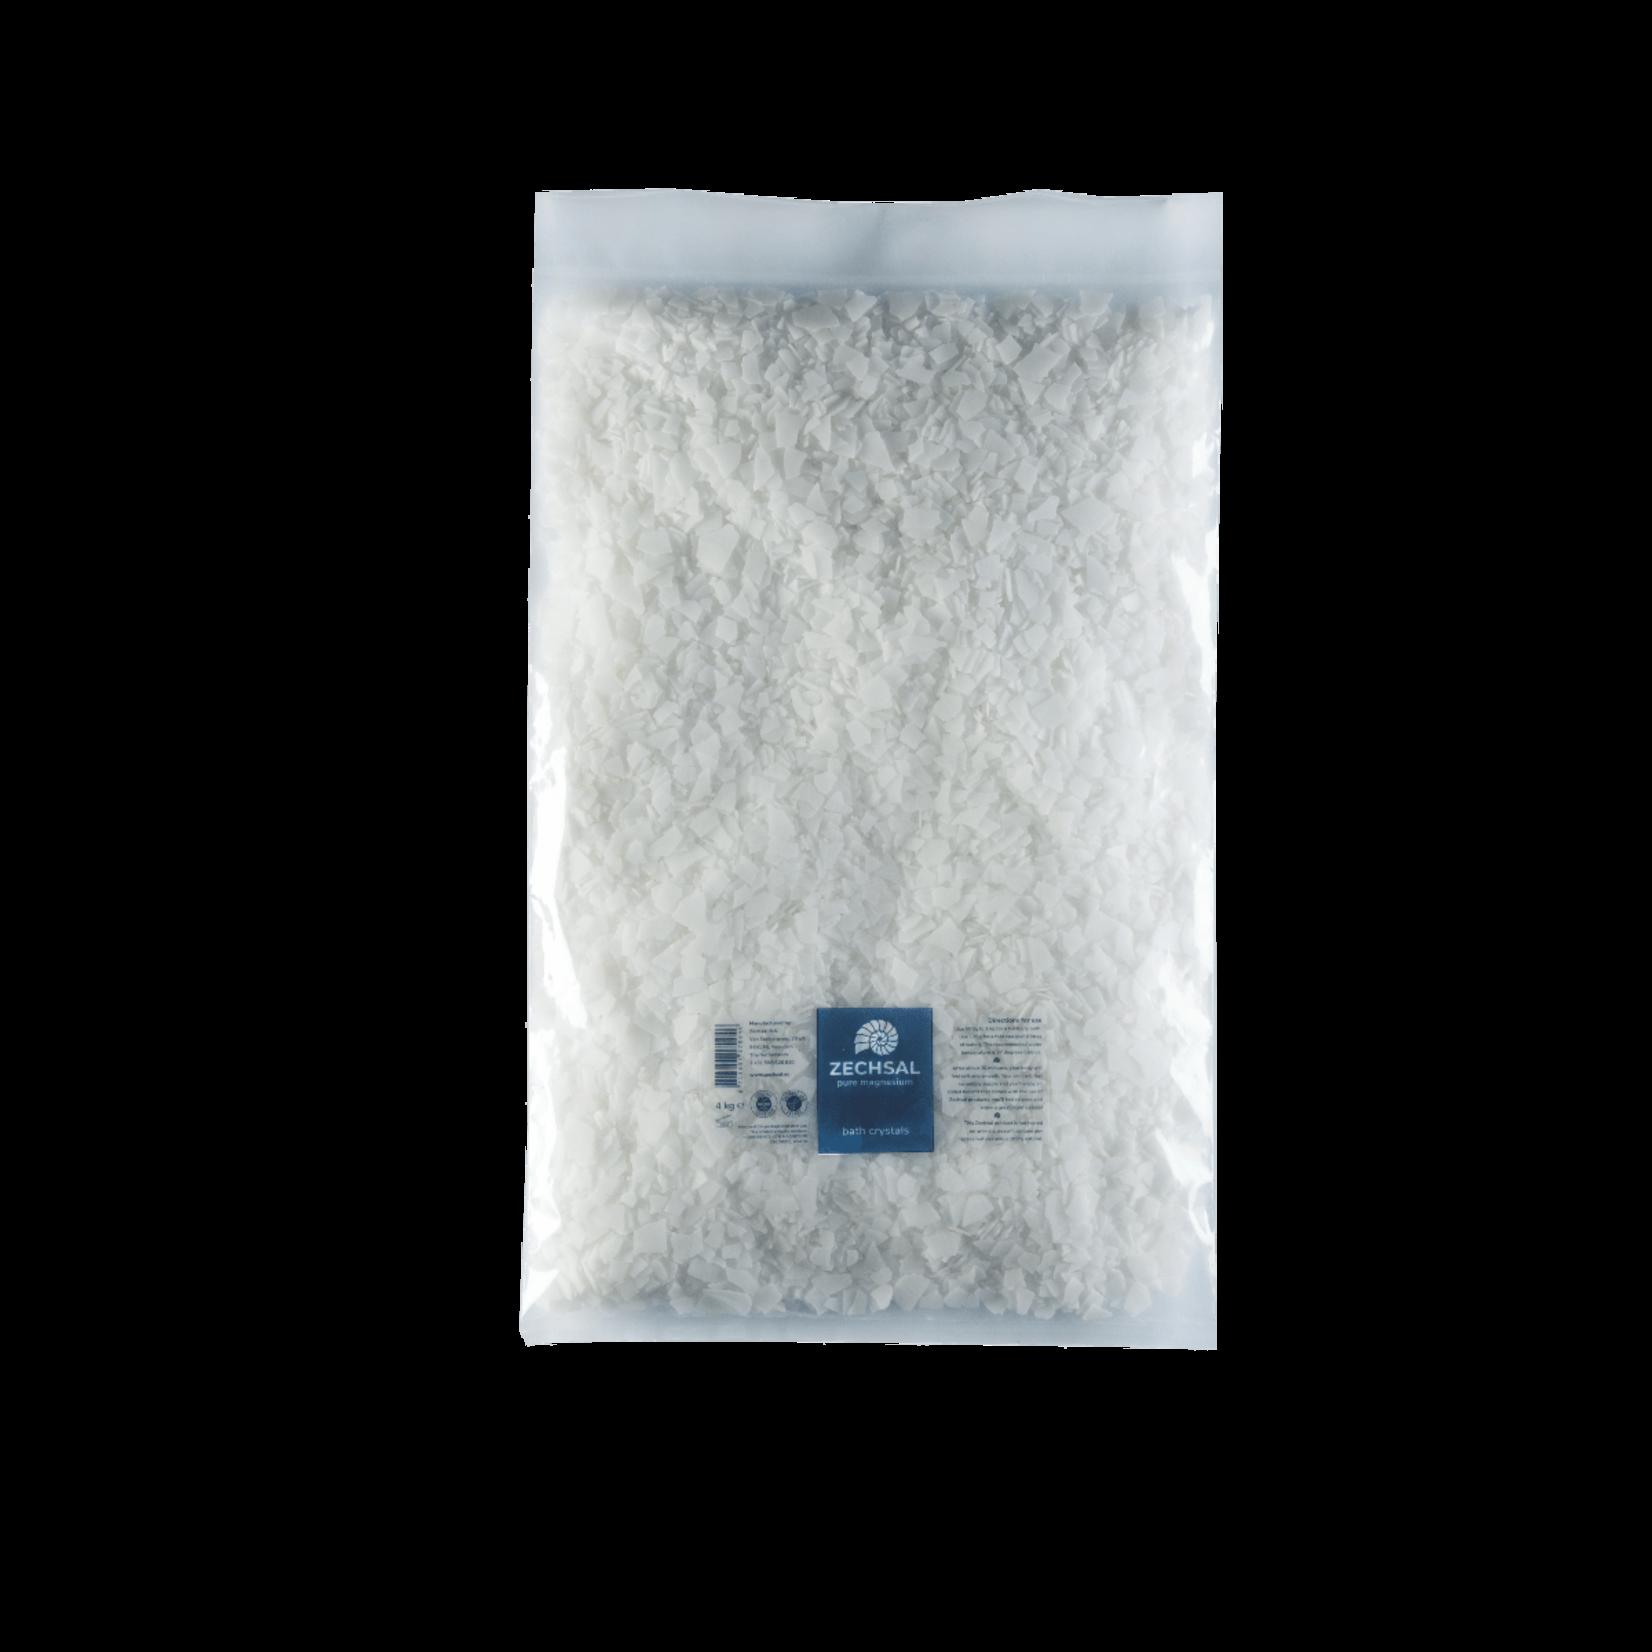 Zechsal Zechsal magnesium navulzak – 2 kg